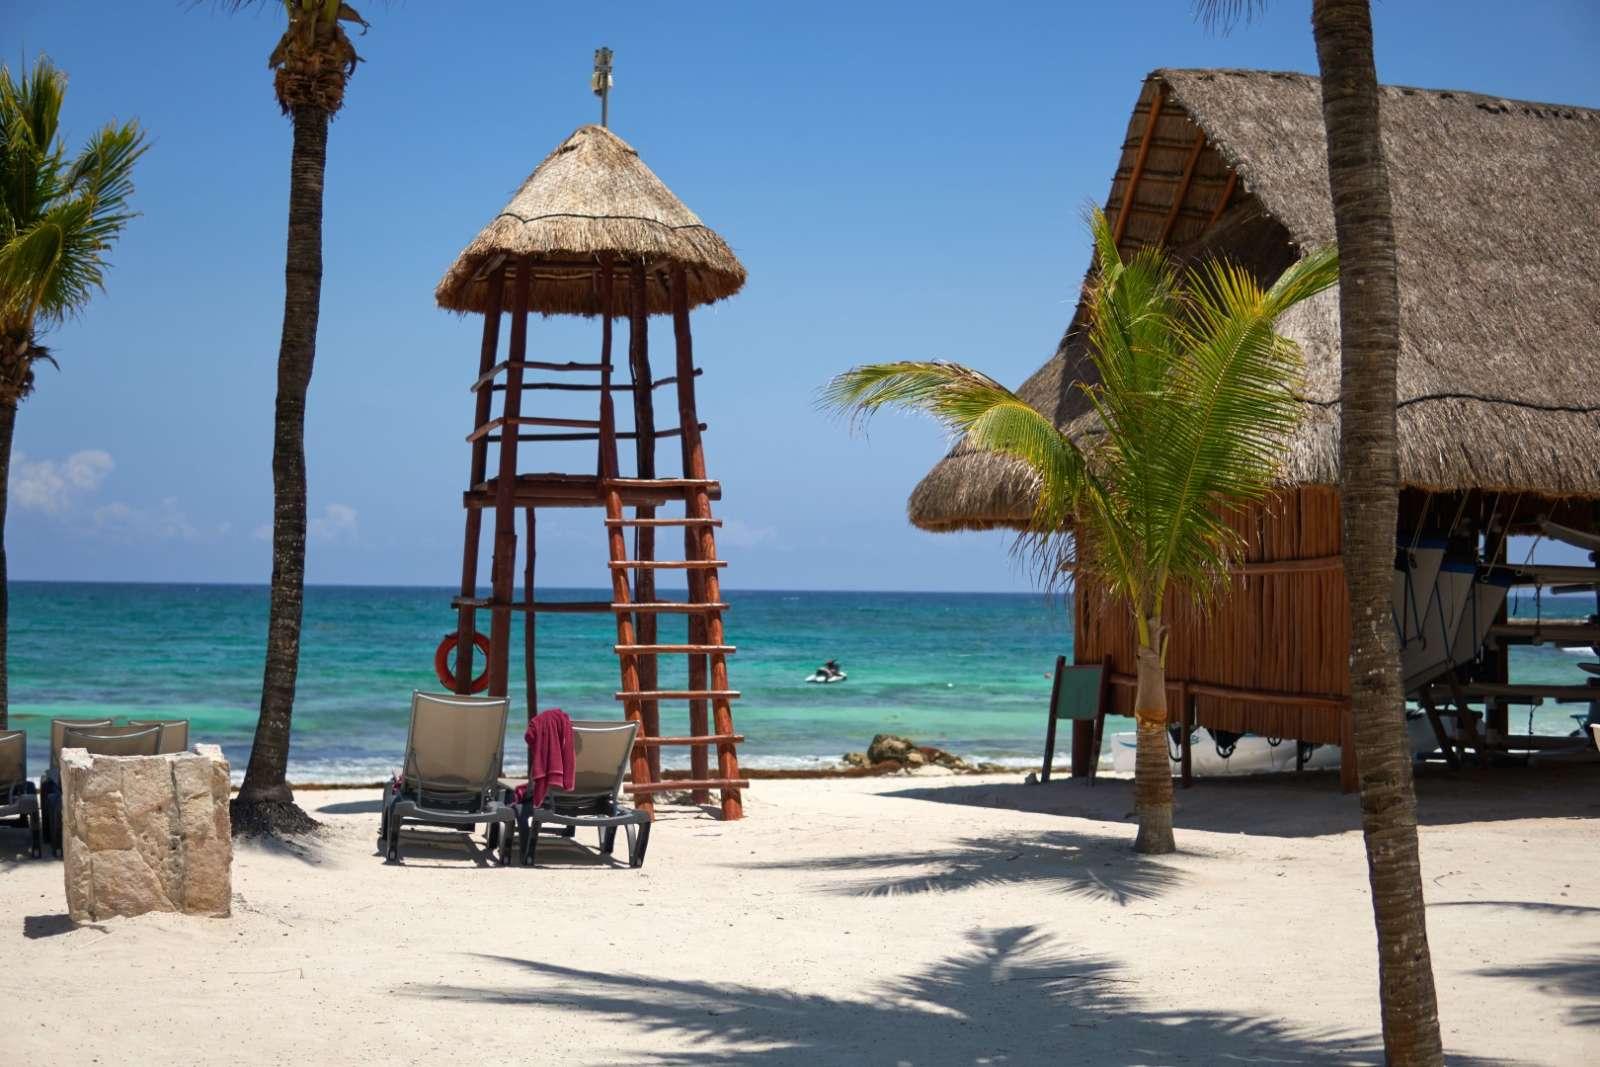 Lifeguard tower at Riviera Maya Mexico